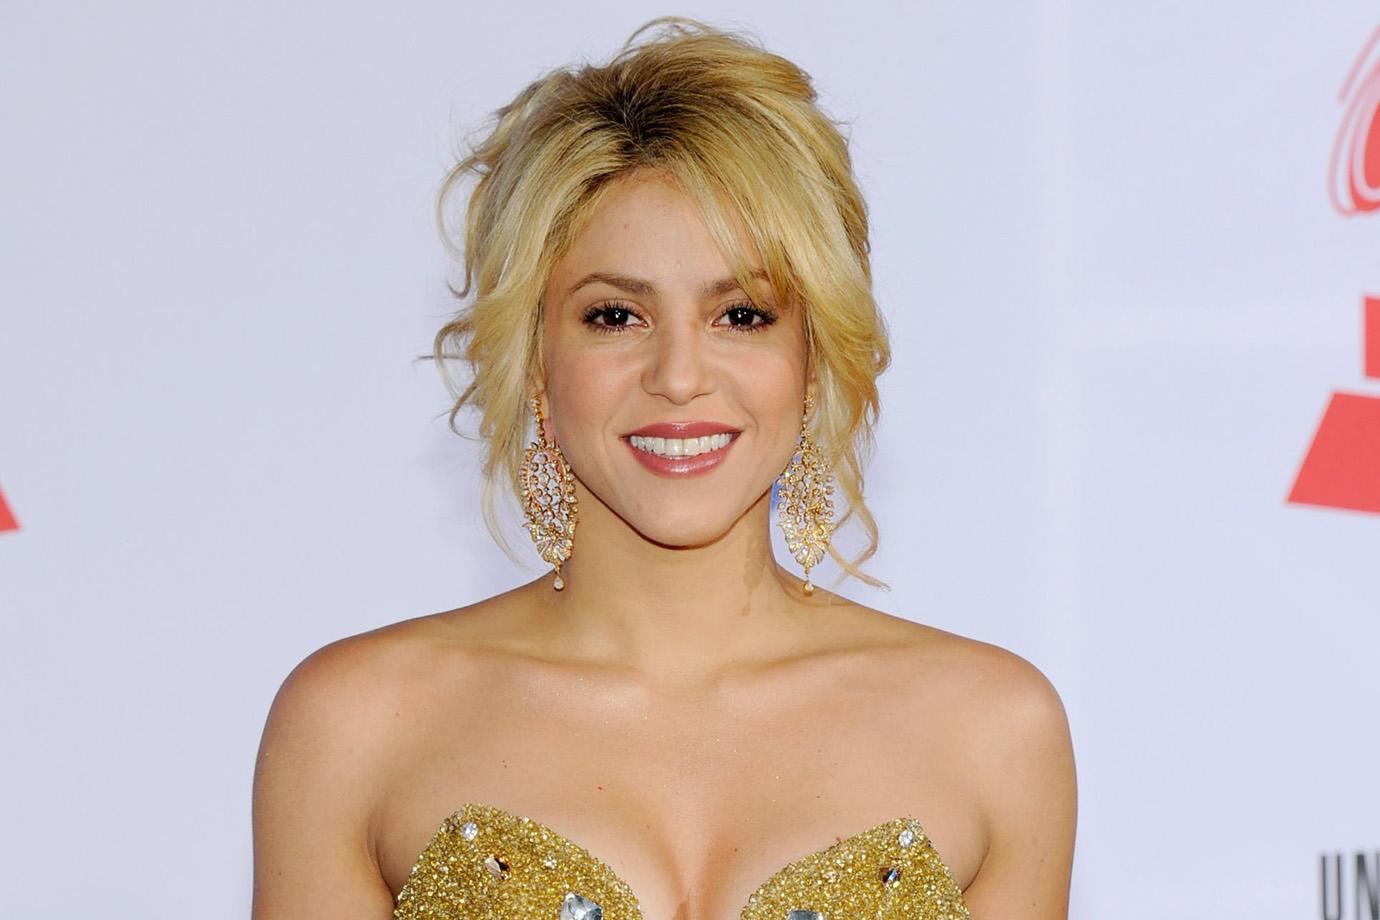 Shakira é criticada por vender colar com símbolo que lembra nazismo